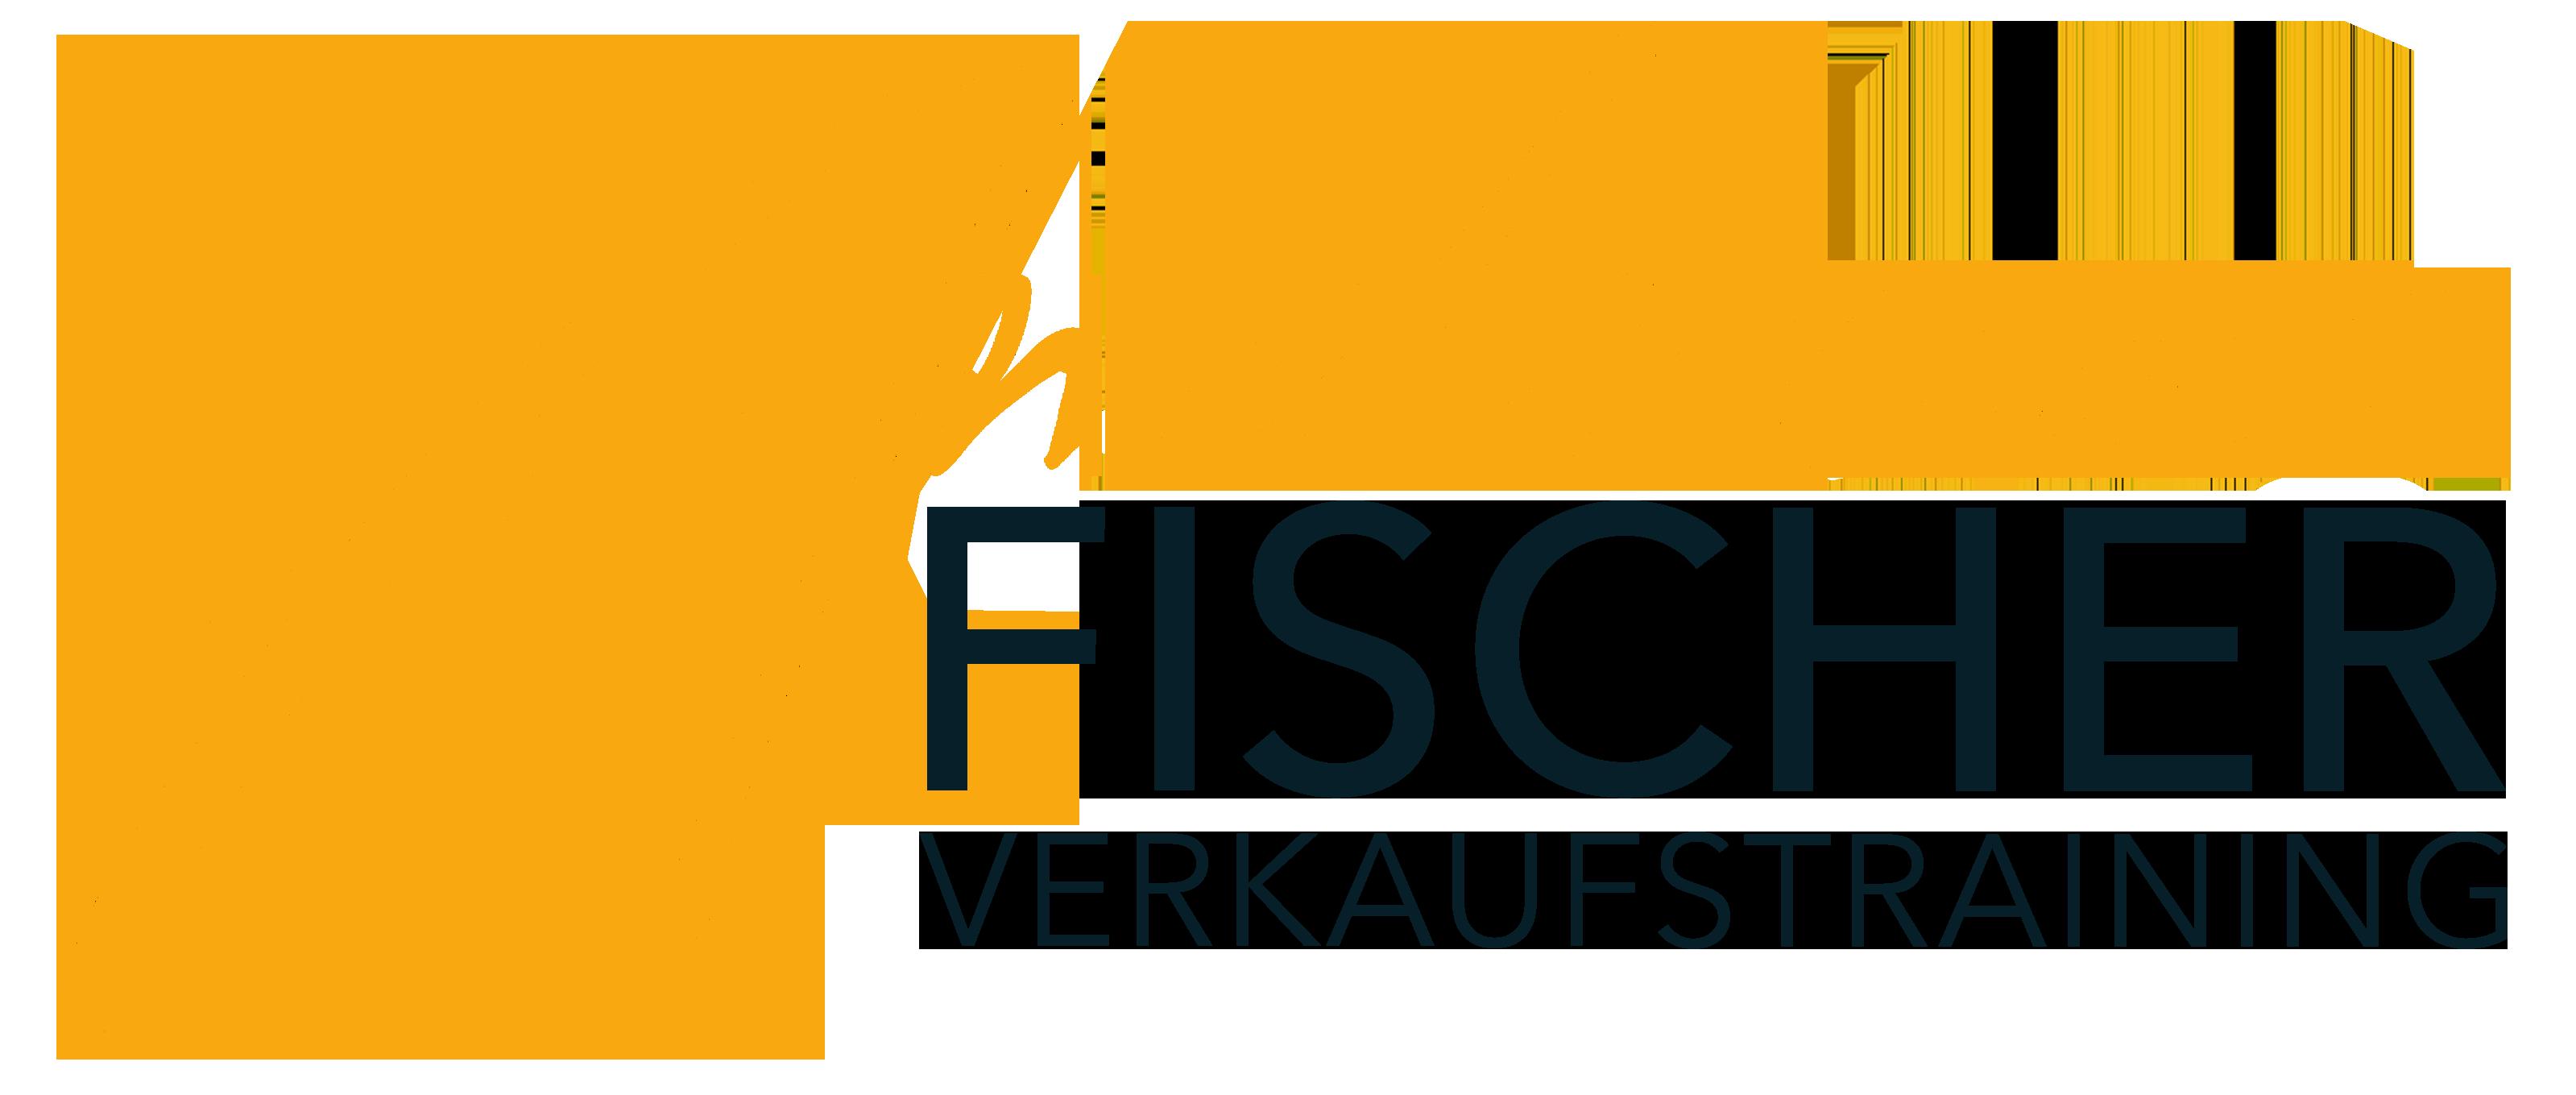 Andreas Fischer - Verkaufstraining Baustoffbranche - MmM-Strategie